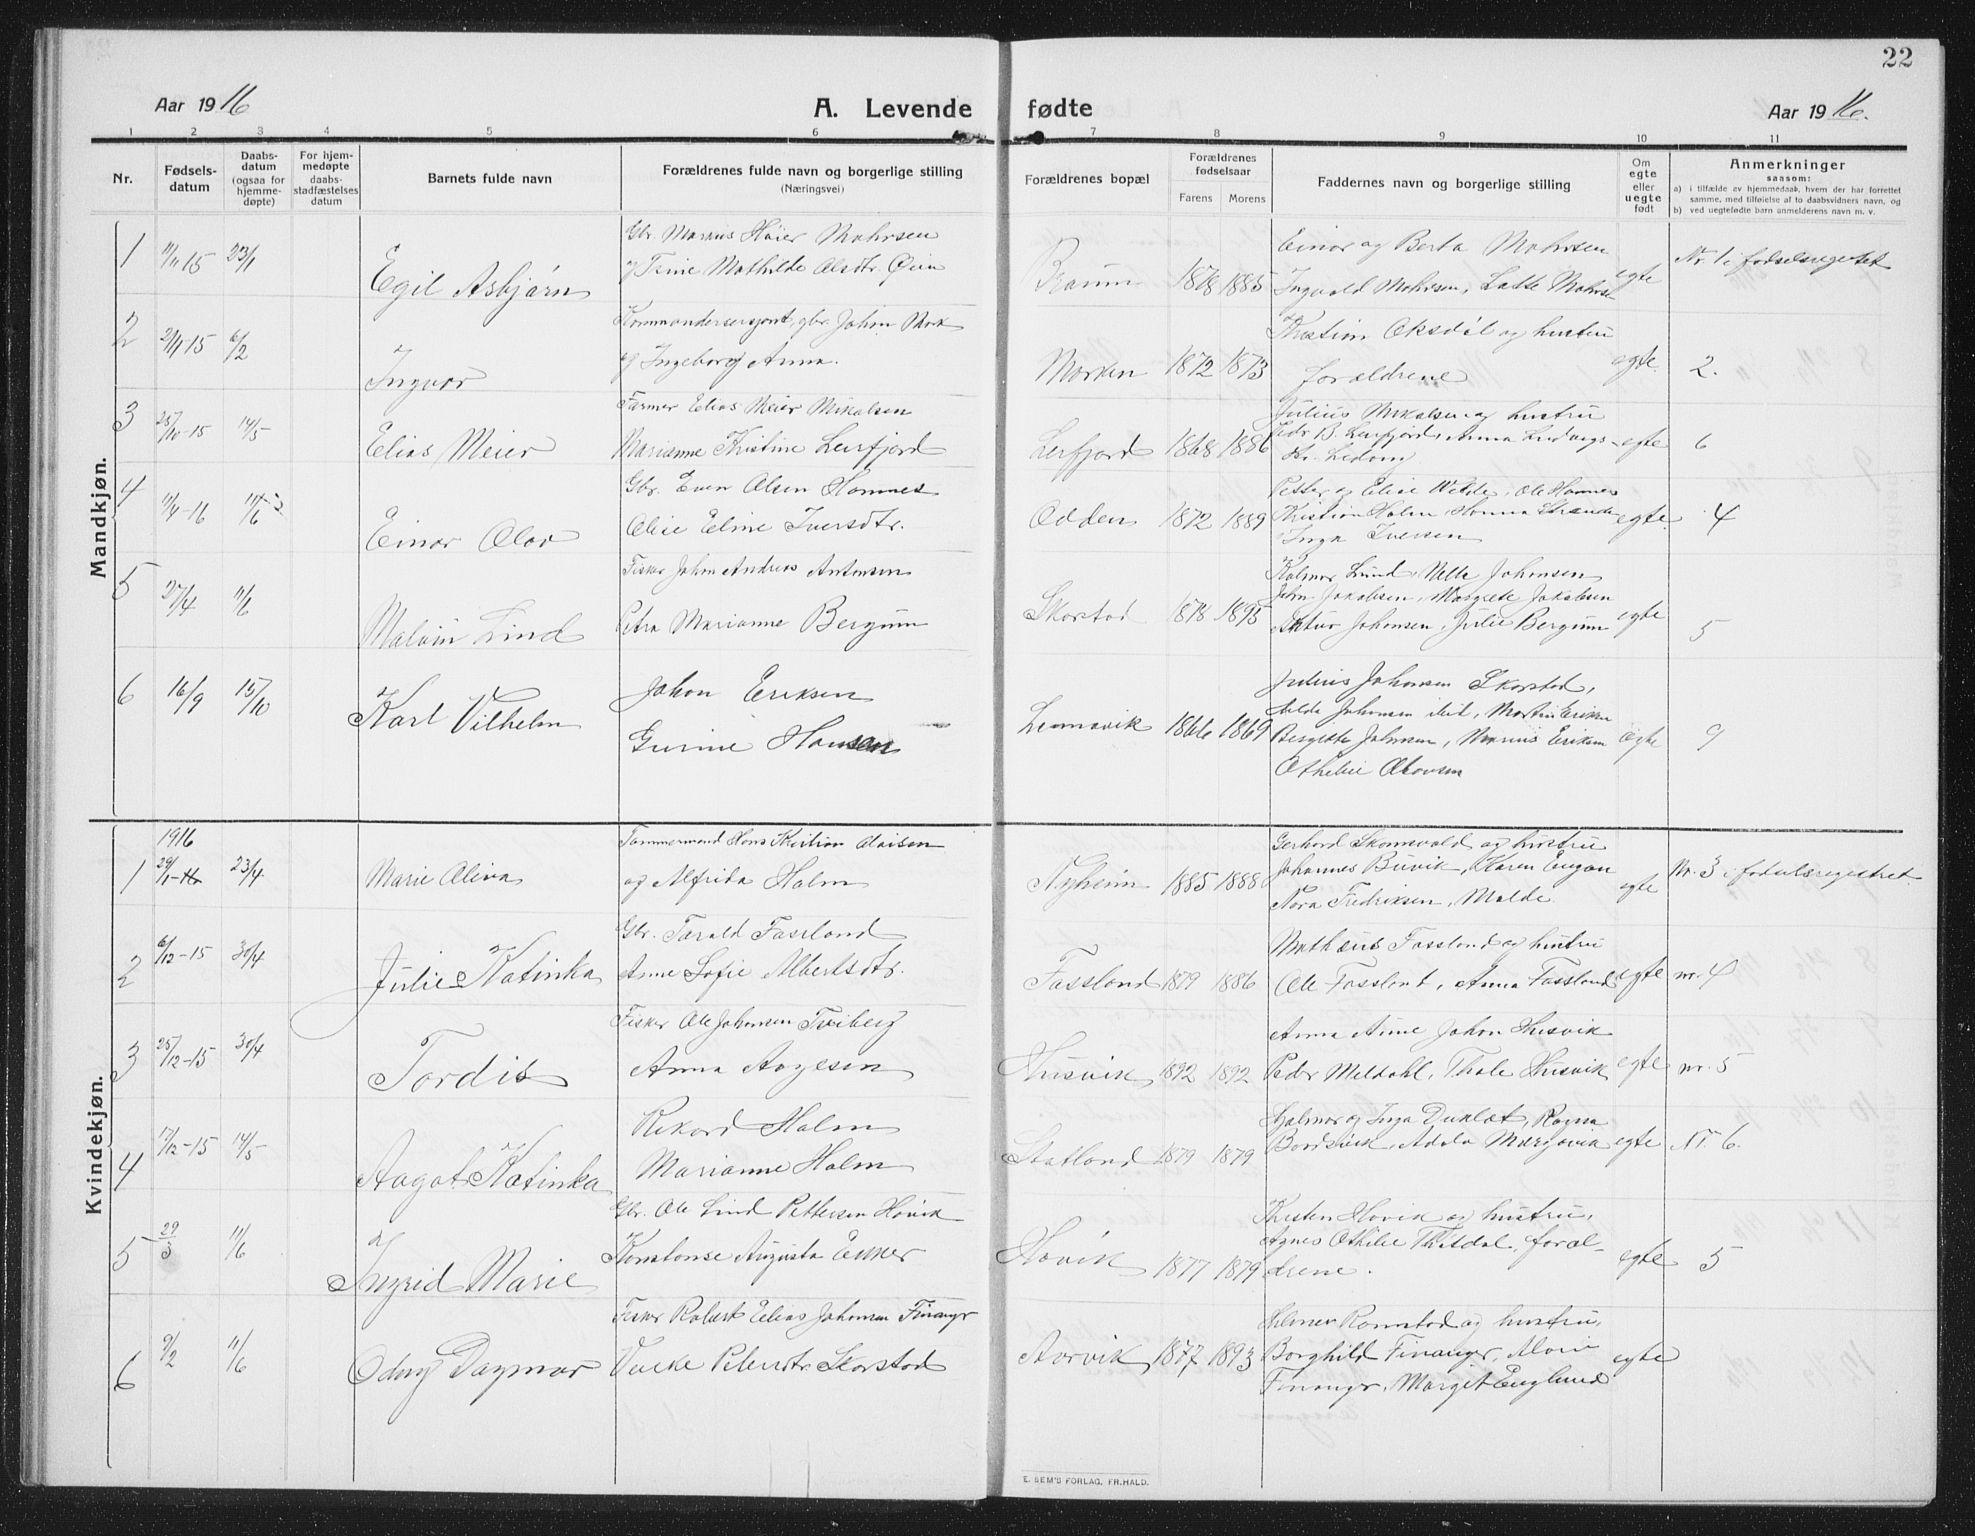 SAT, Ministerialprotokoller, klokkerbøker og fødselsregistre - Nord-Trøndelag, 774/L0630: Klokkerbok nr. 774C01, 1910-1934, s. 22